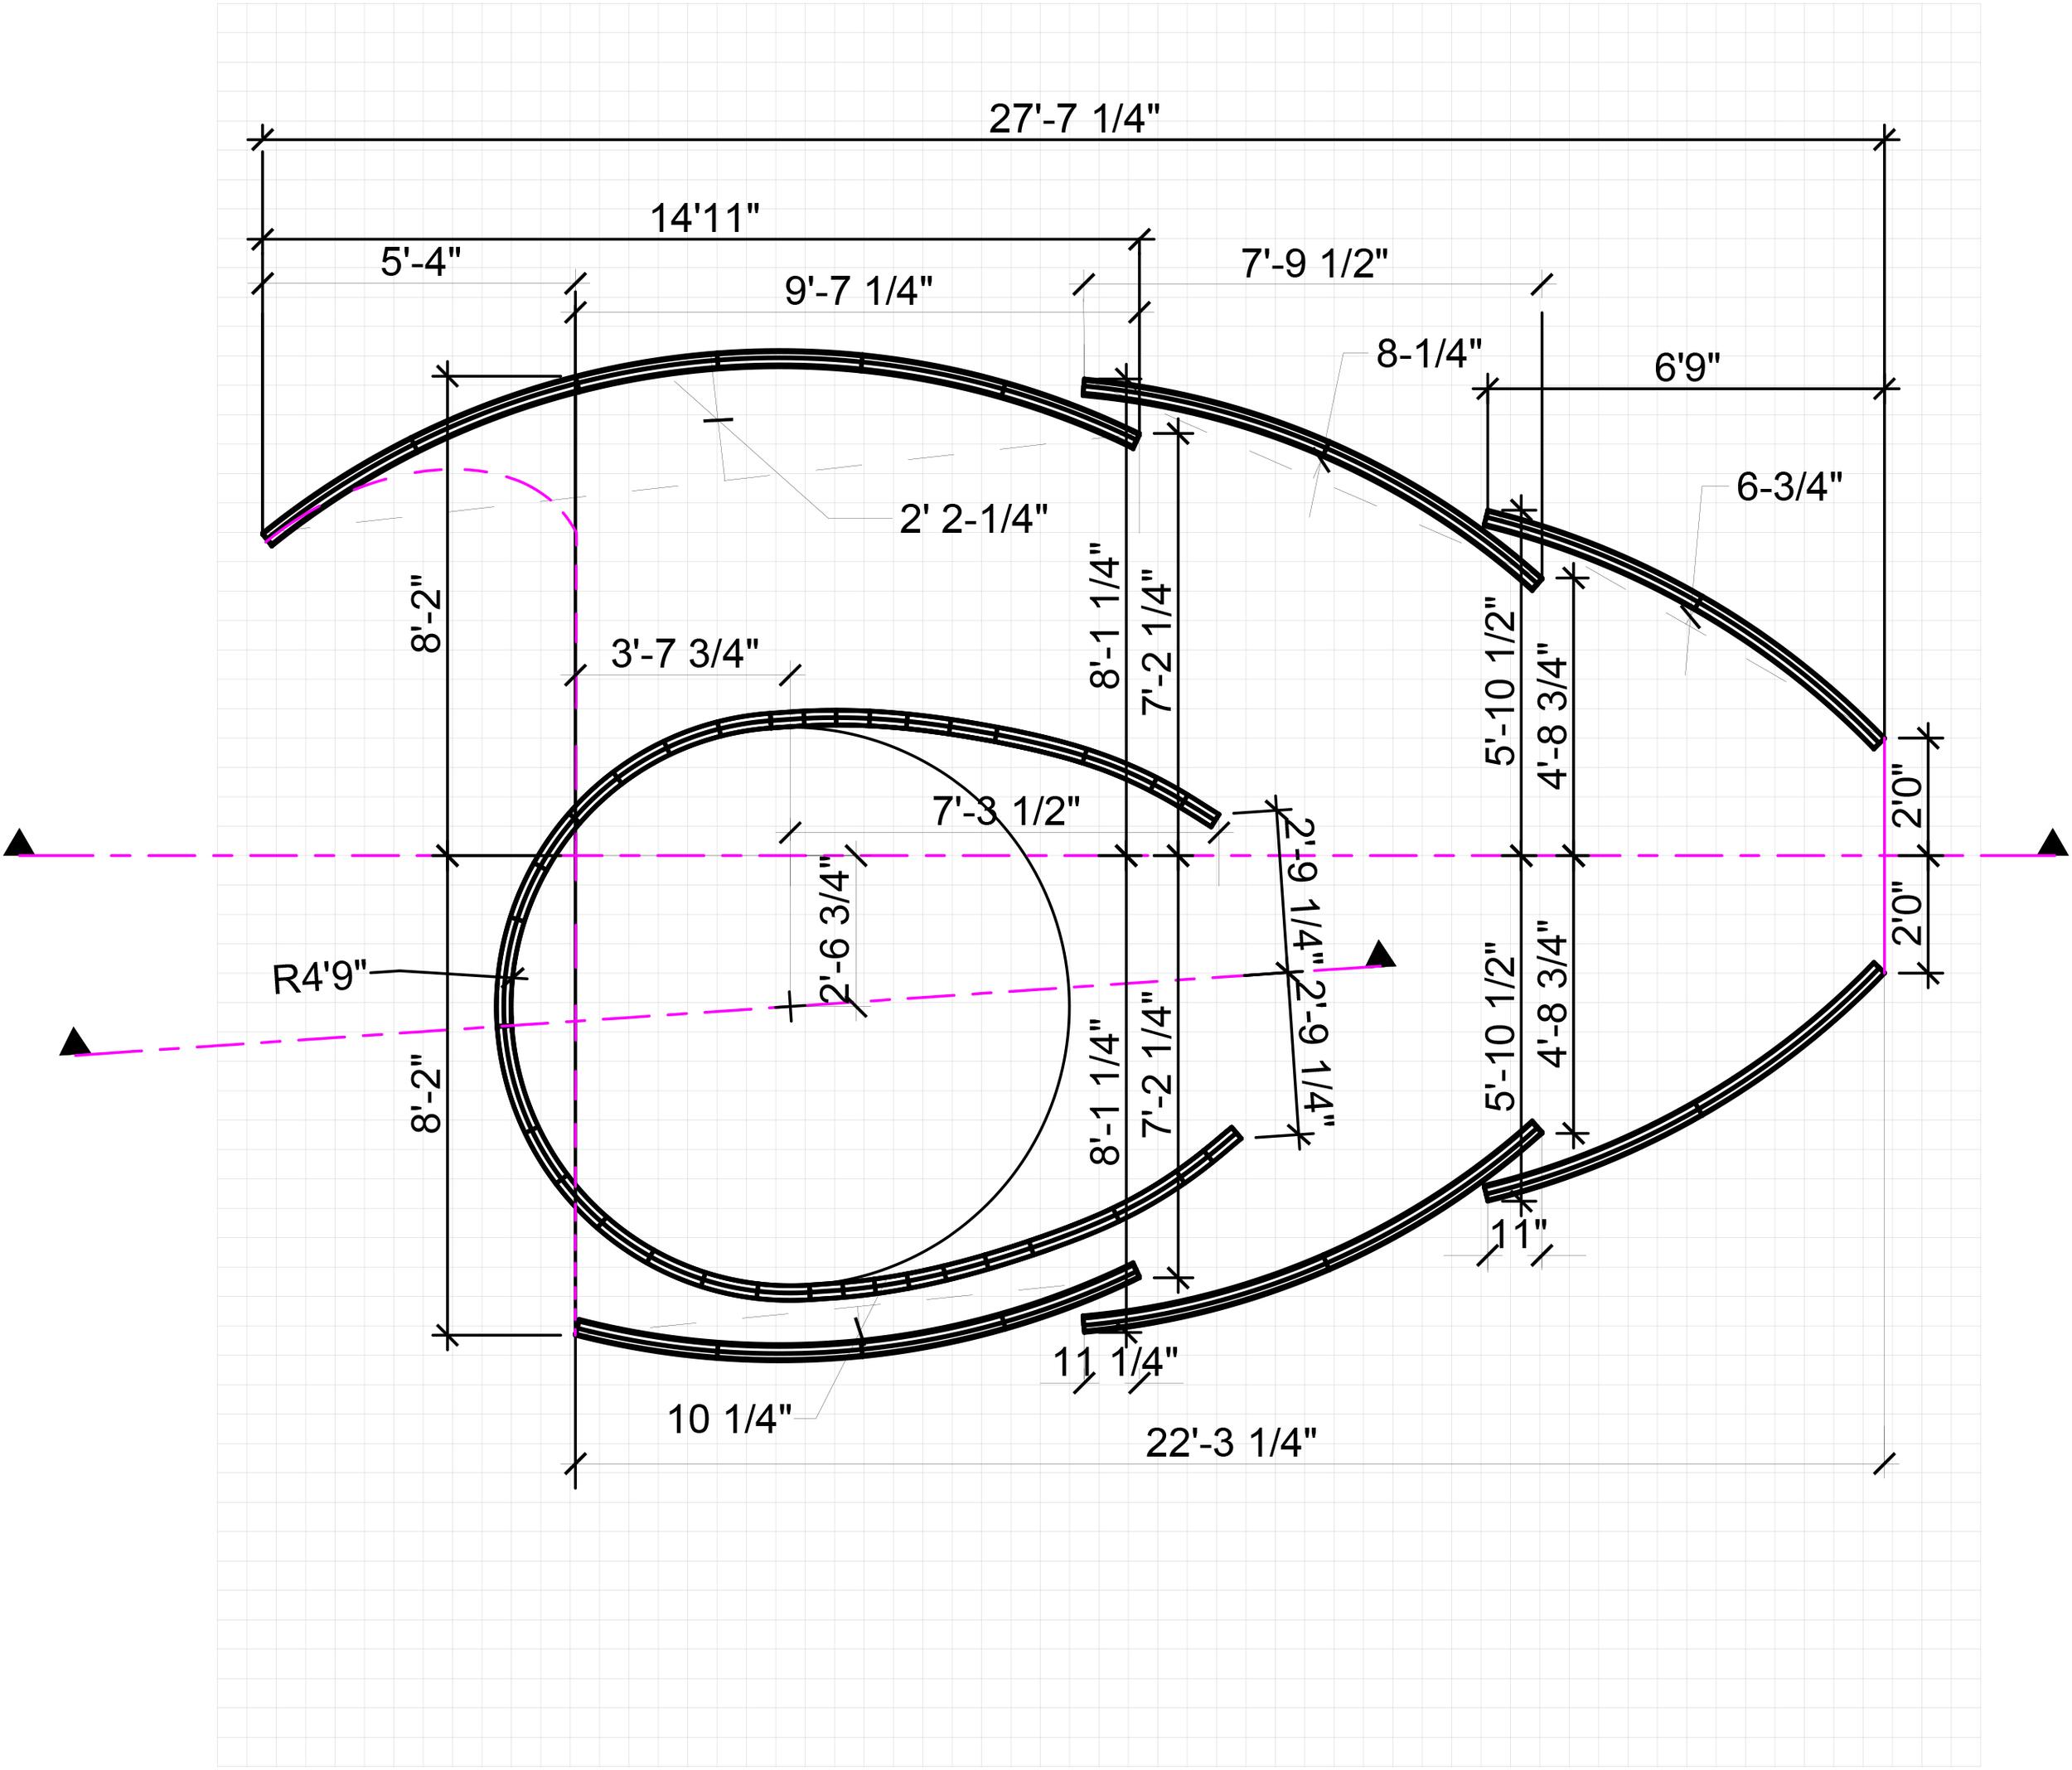 Camera_Plan.jpg